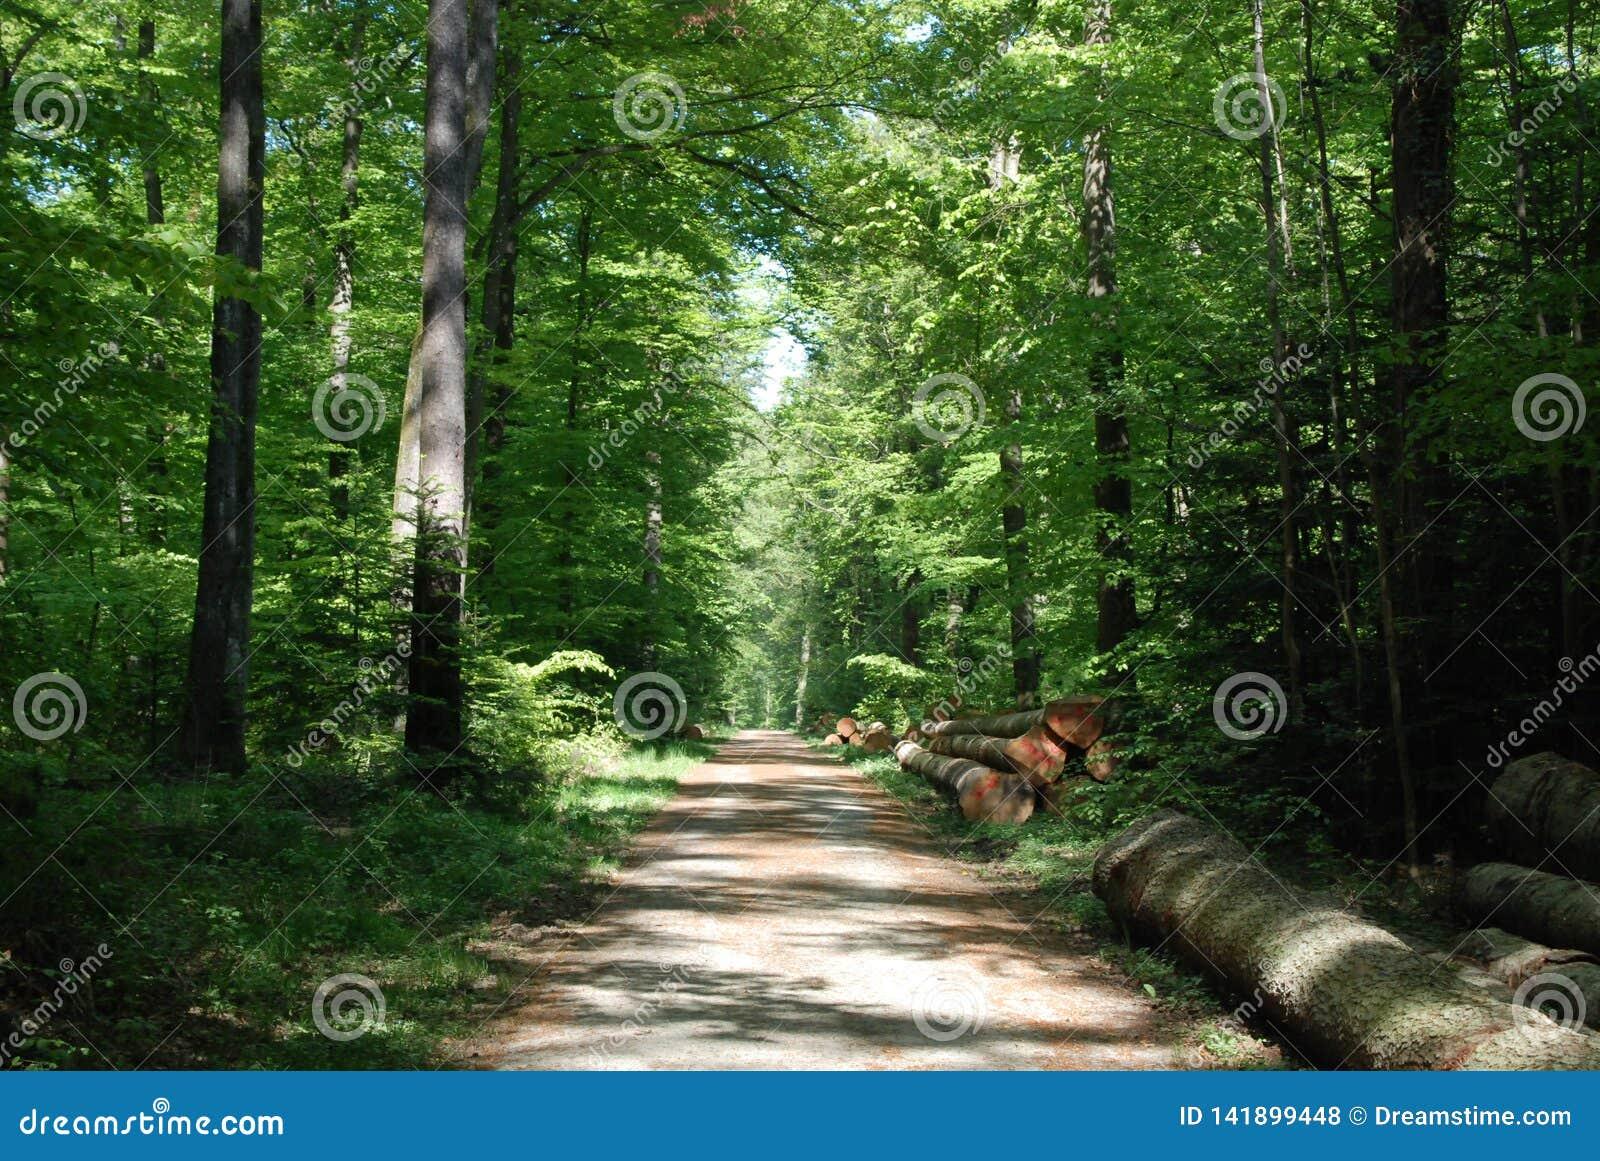 Cosecha de madera en el bosque negro